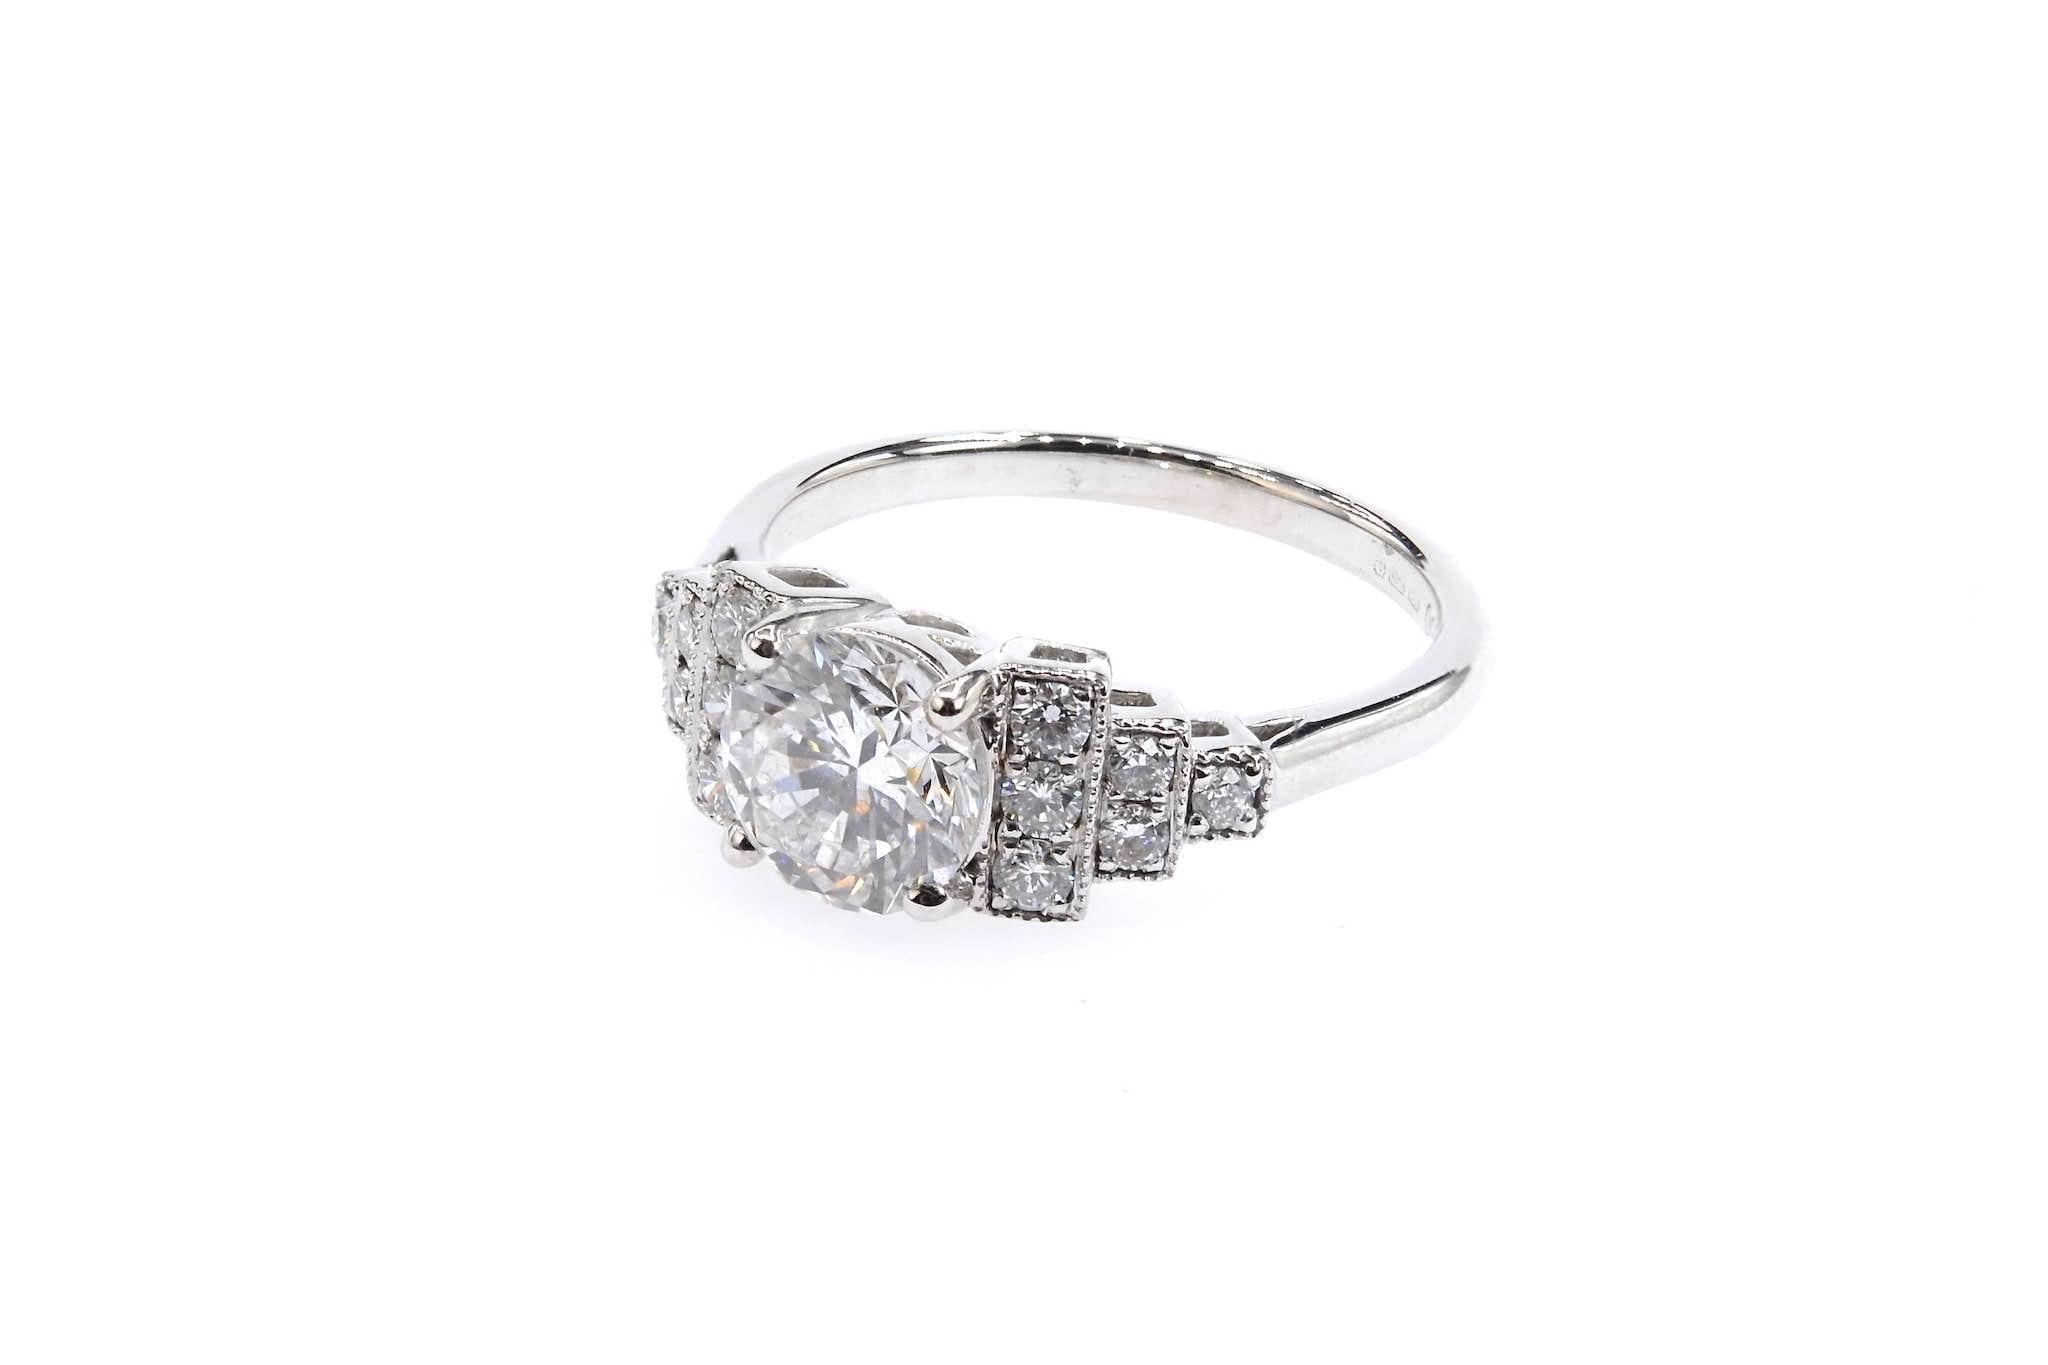 Bague de style Art Déco diamants en or blanc 18k